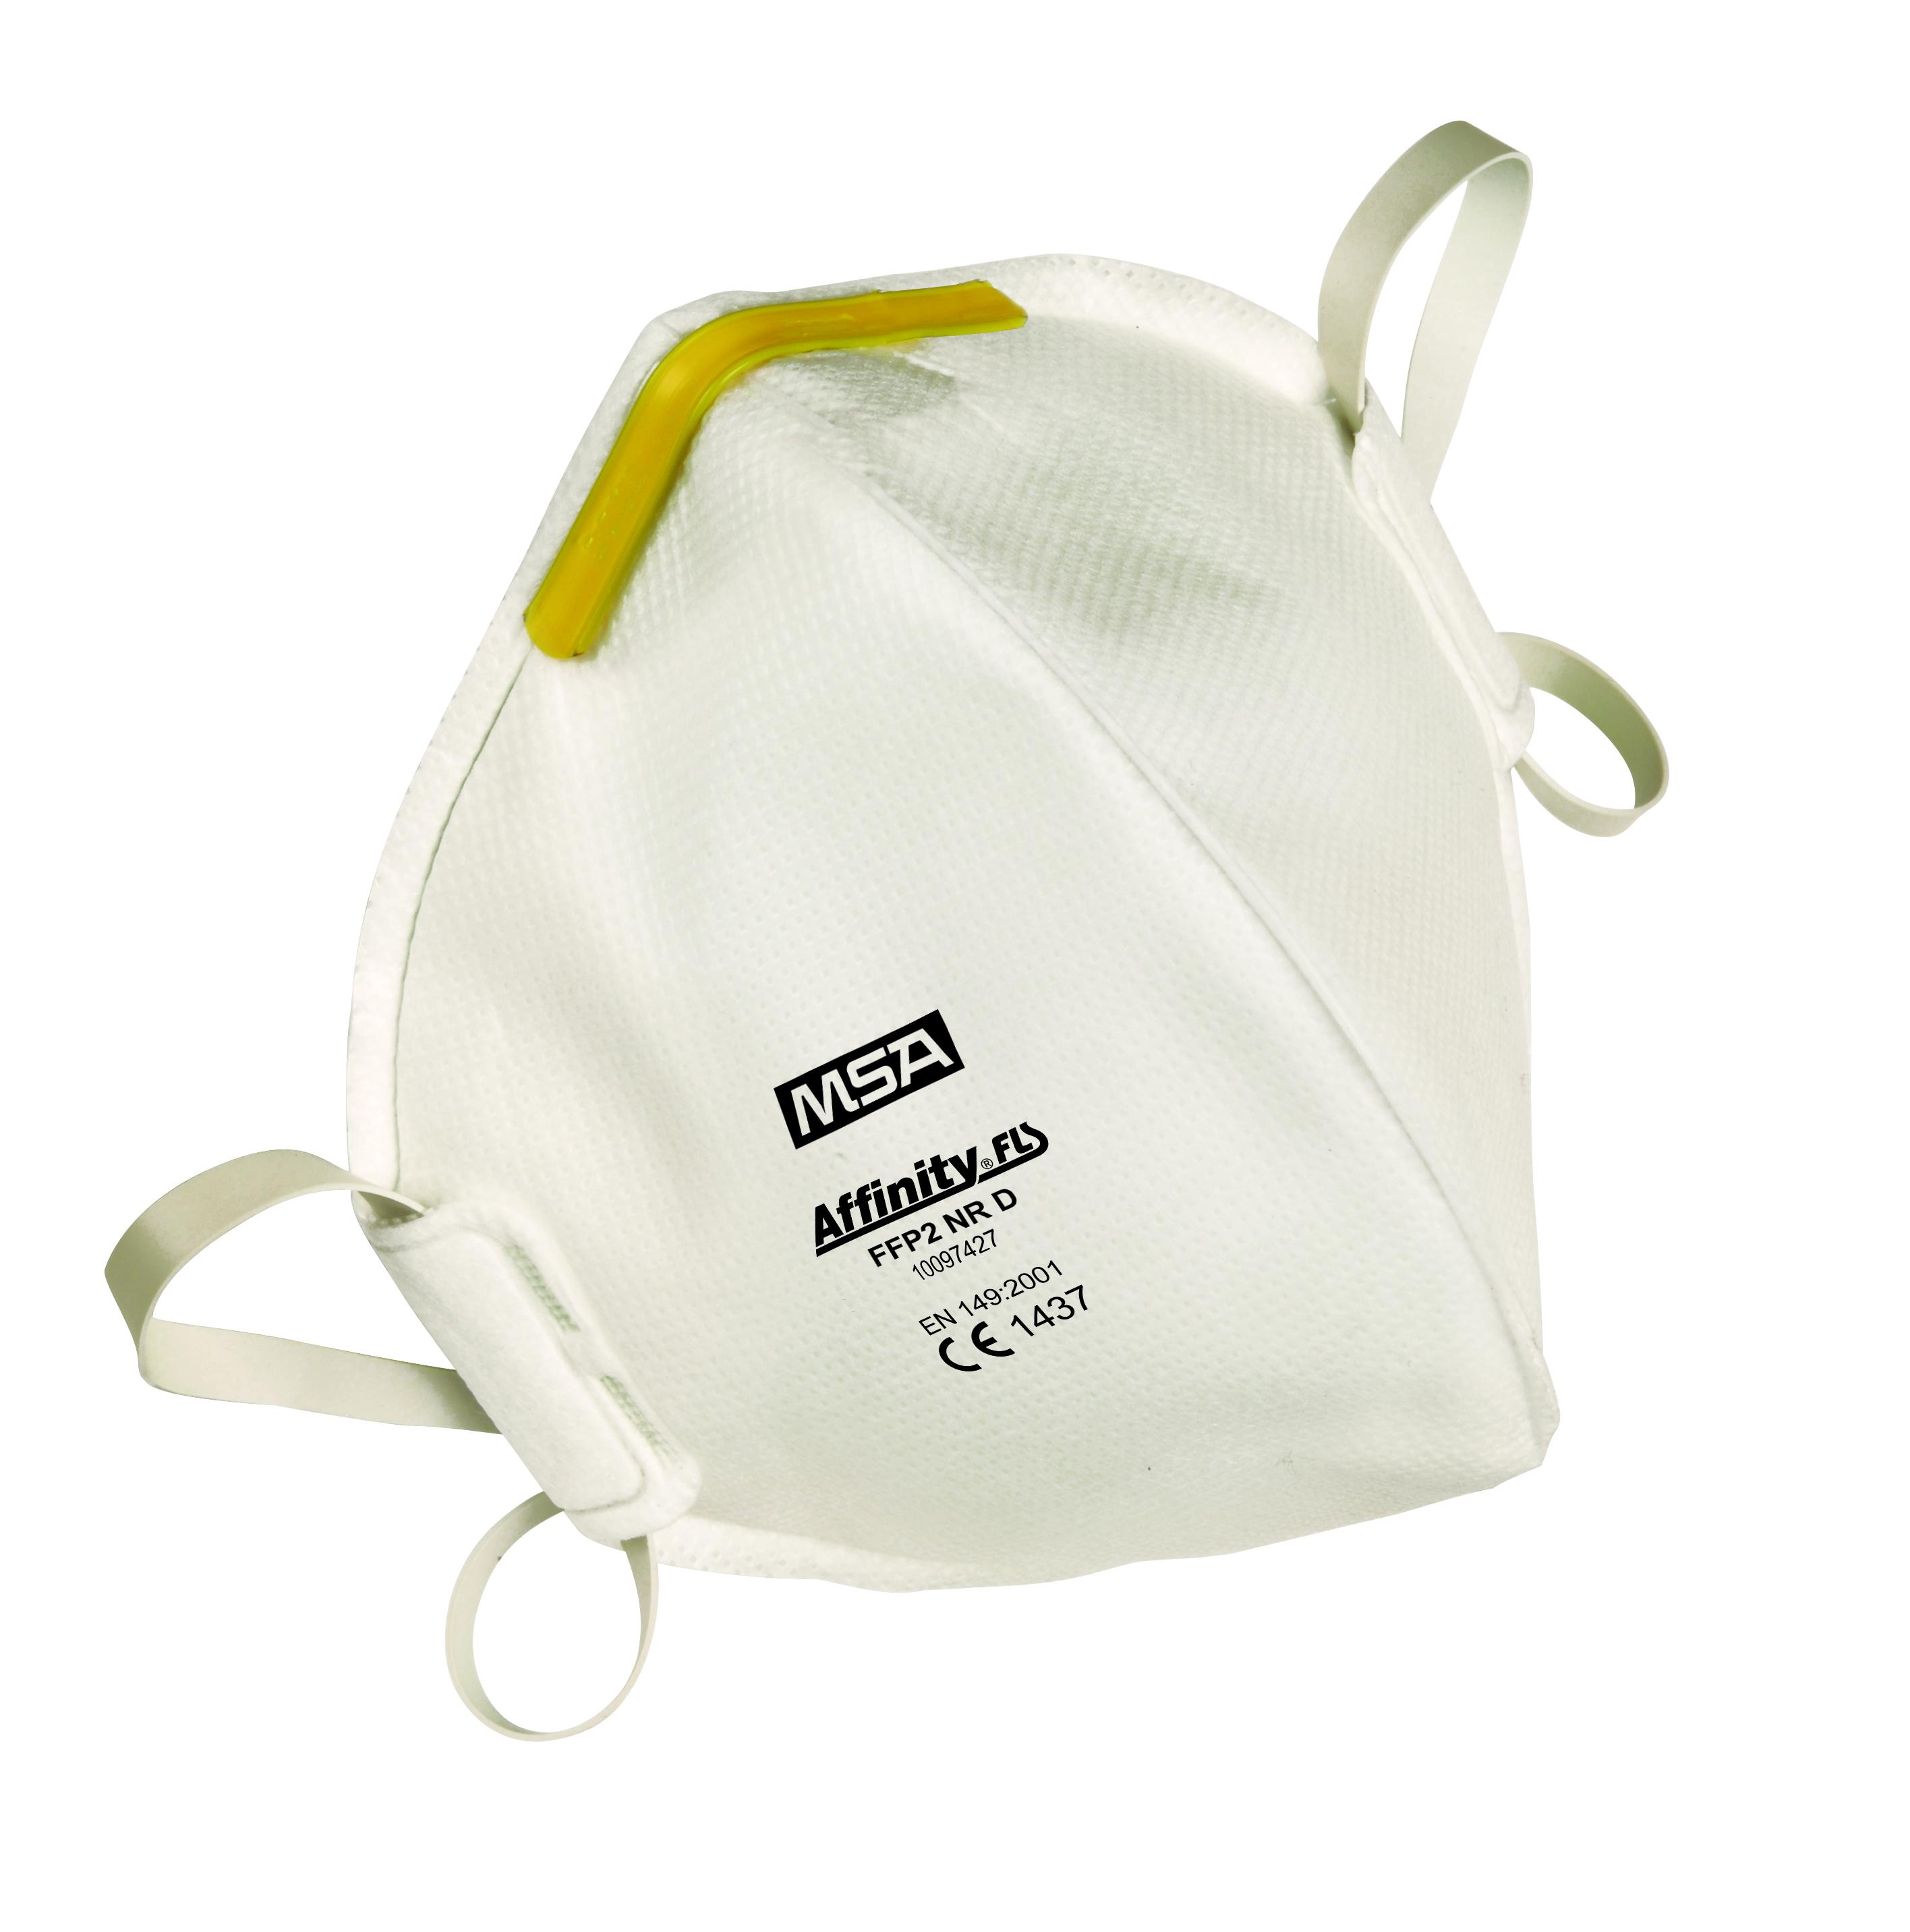 Le masque Affinity 2100 assure une protection efficace contre les particules aérosols solides et liq...